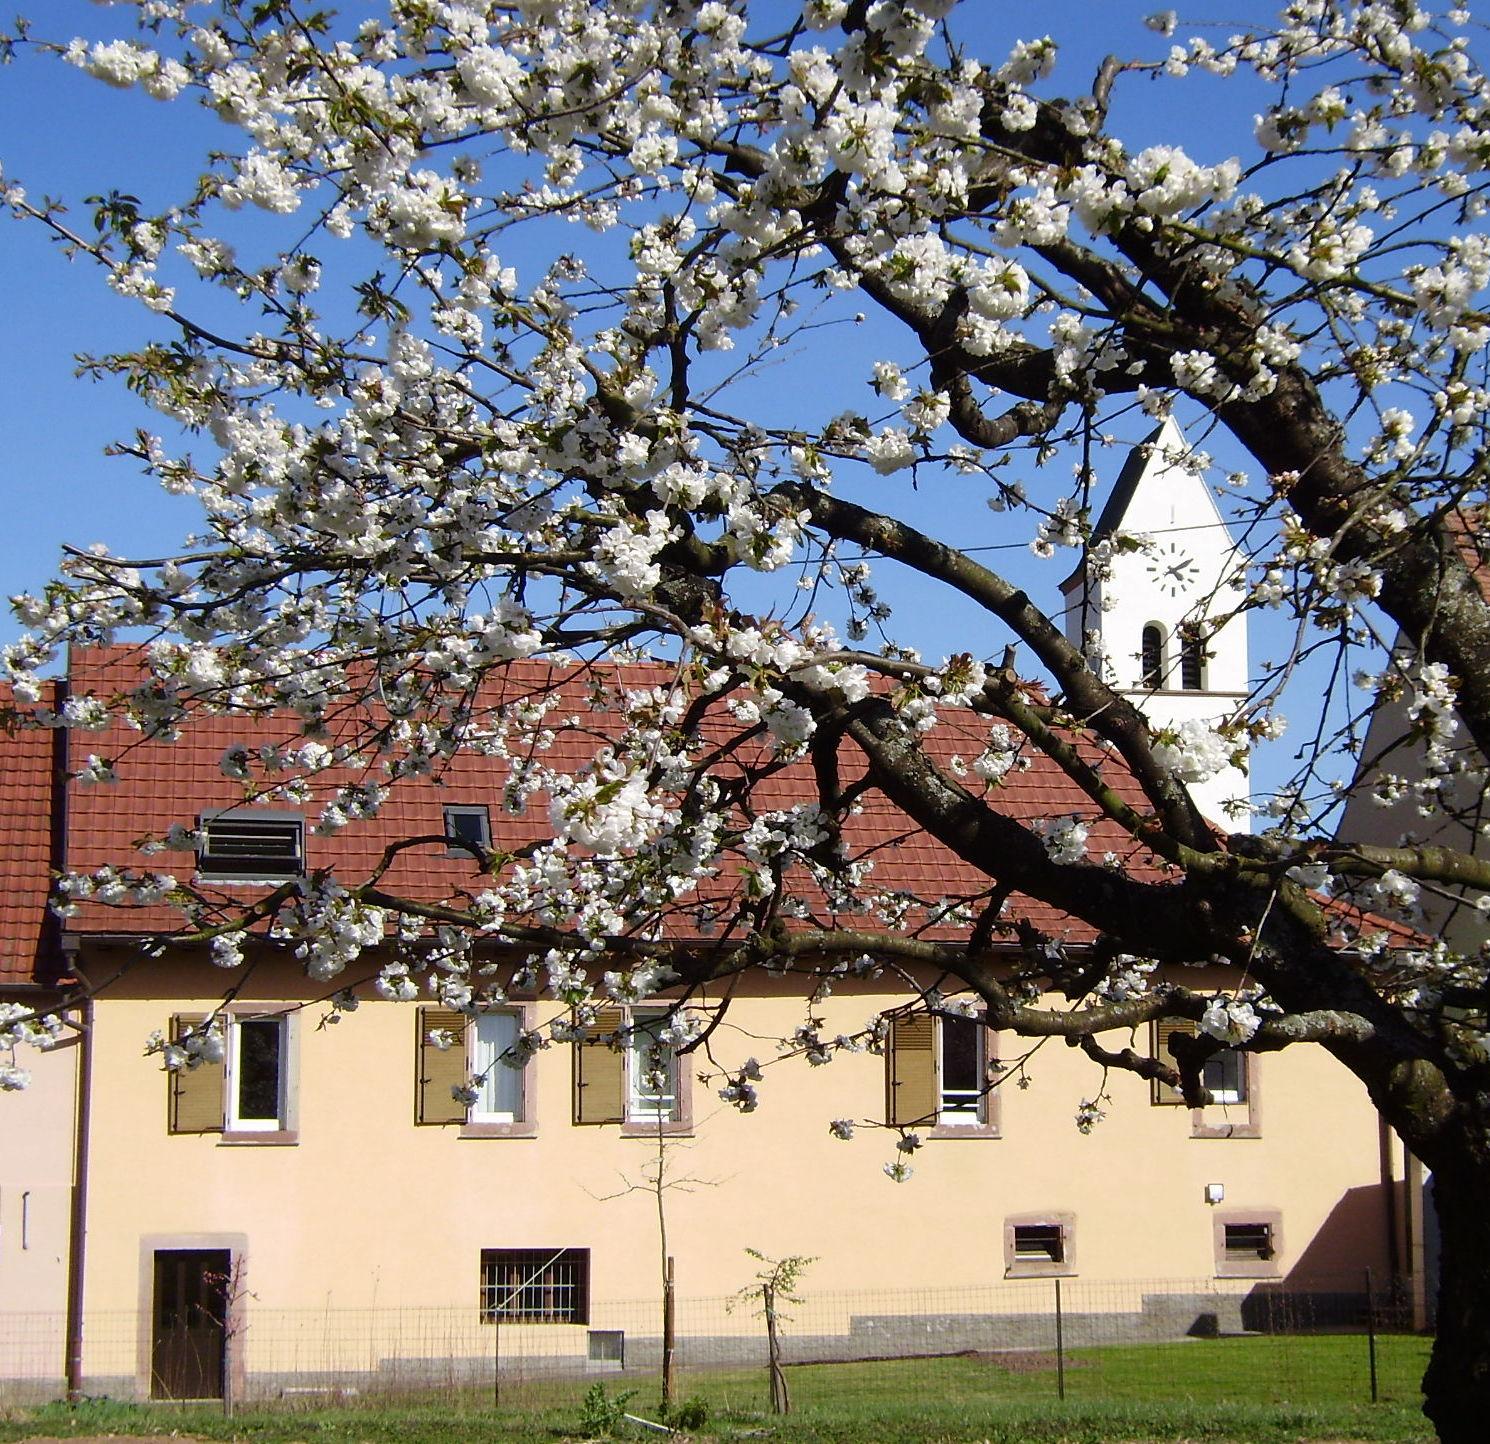 Le wineck le g te le wineck for Cote et jardin ile aux moines